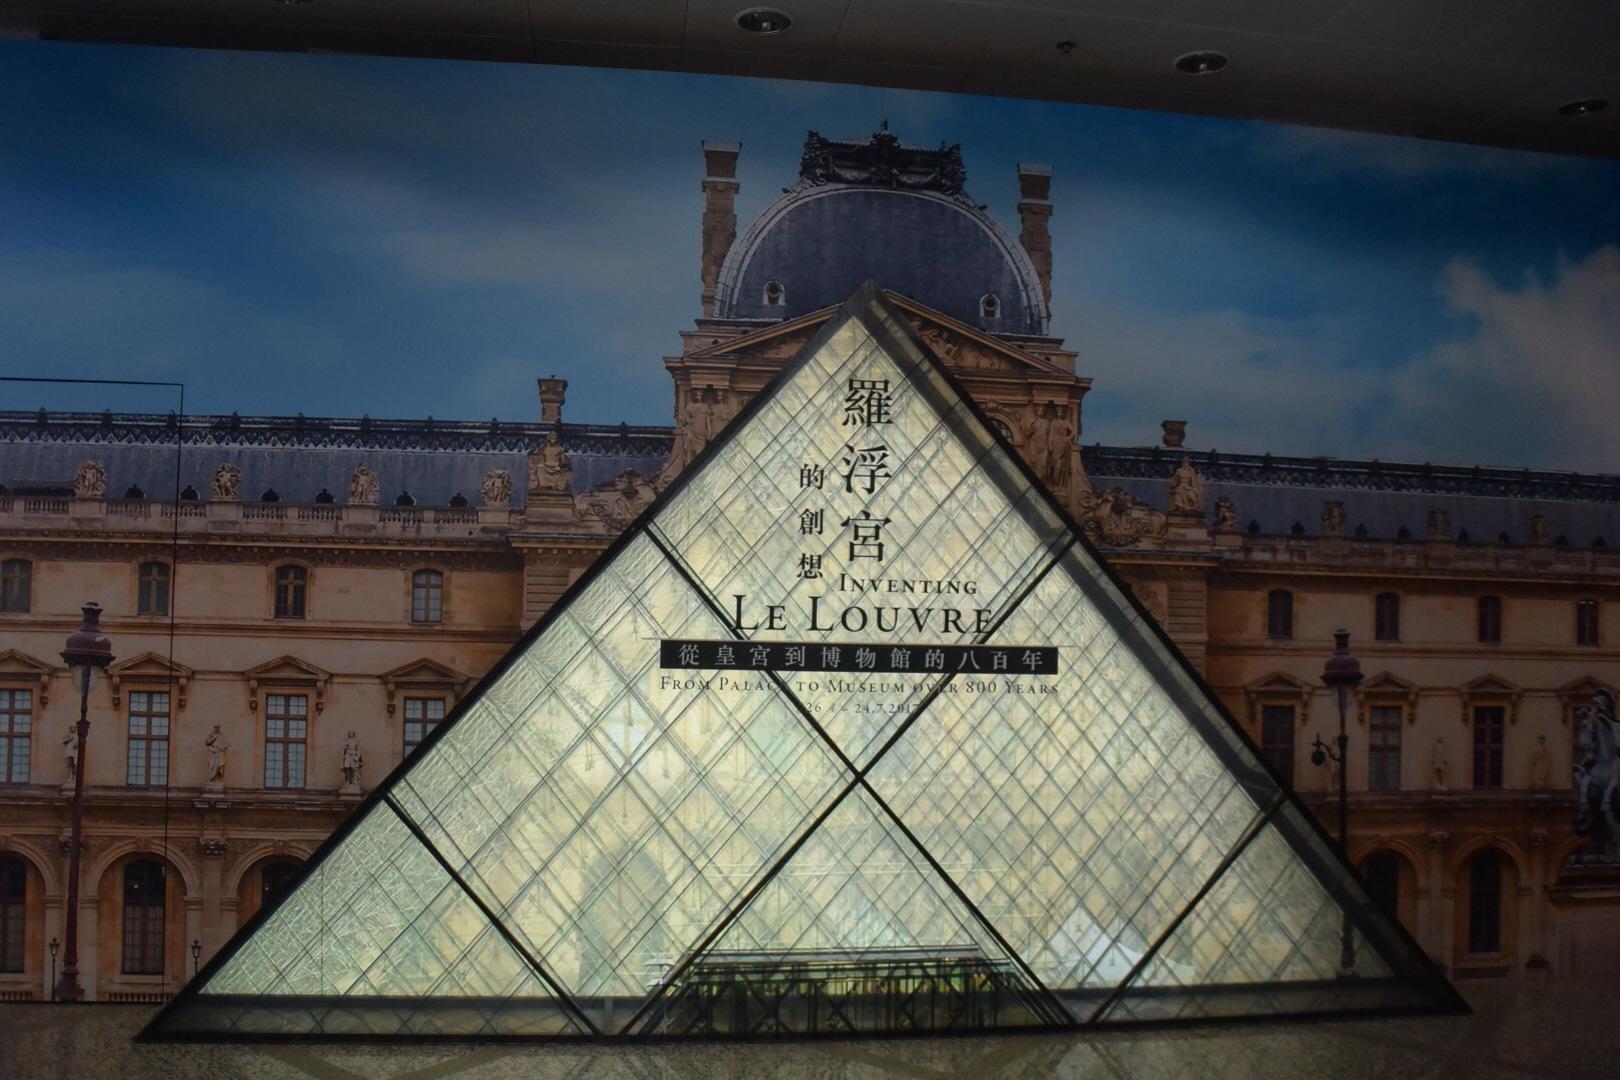 羅浮宮的創想–從皇宮到博物館的八百年(inventing le louvre: from palace to museum over 800 years)@沙田 | meh II